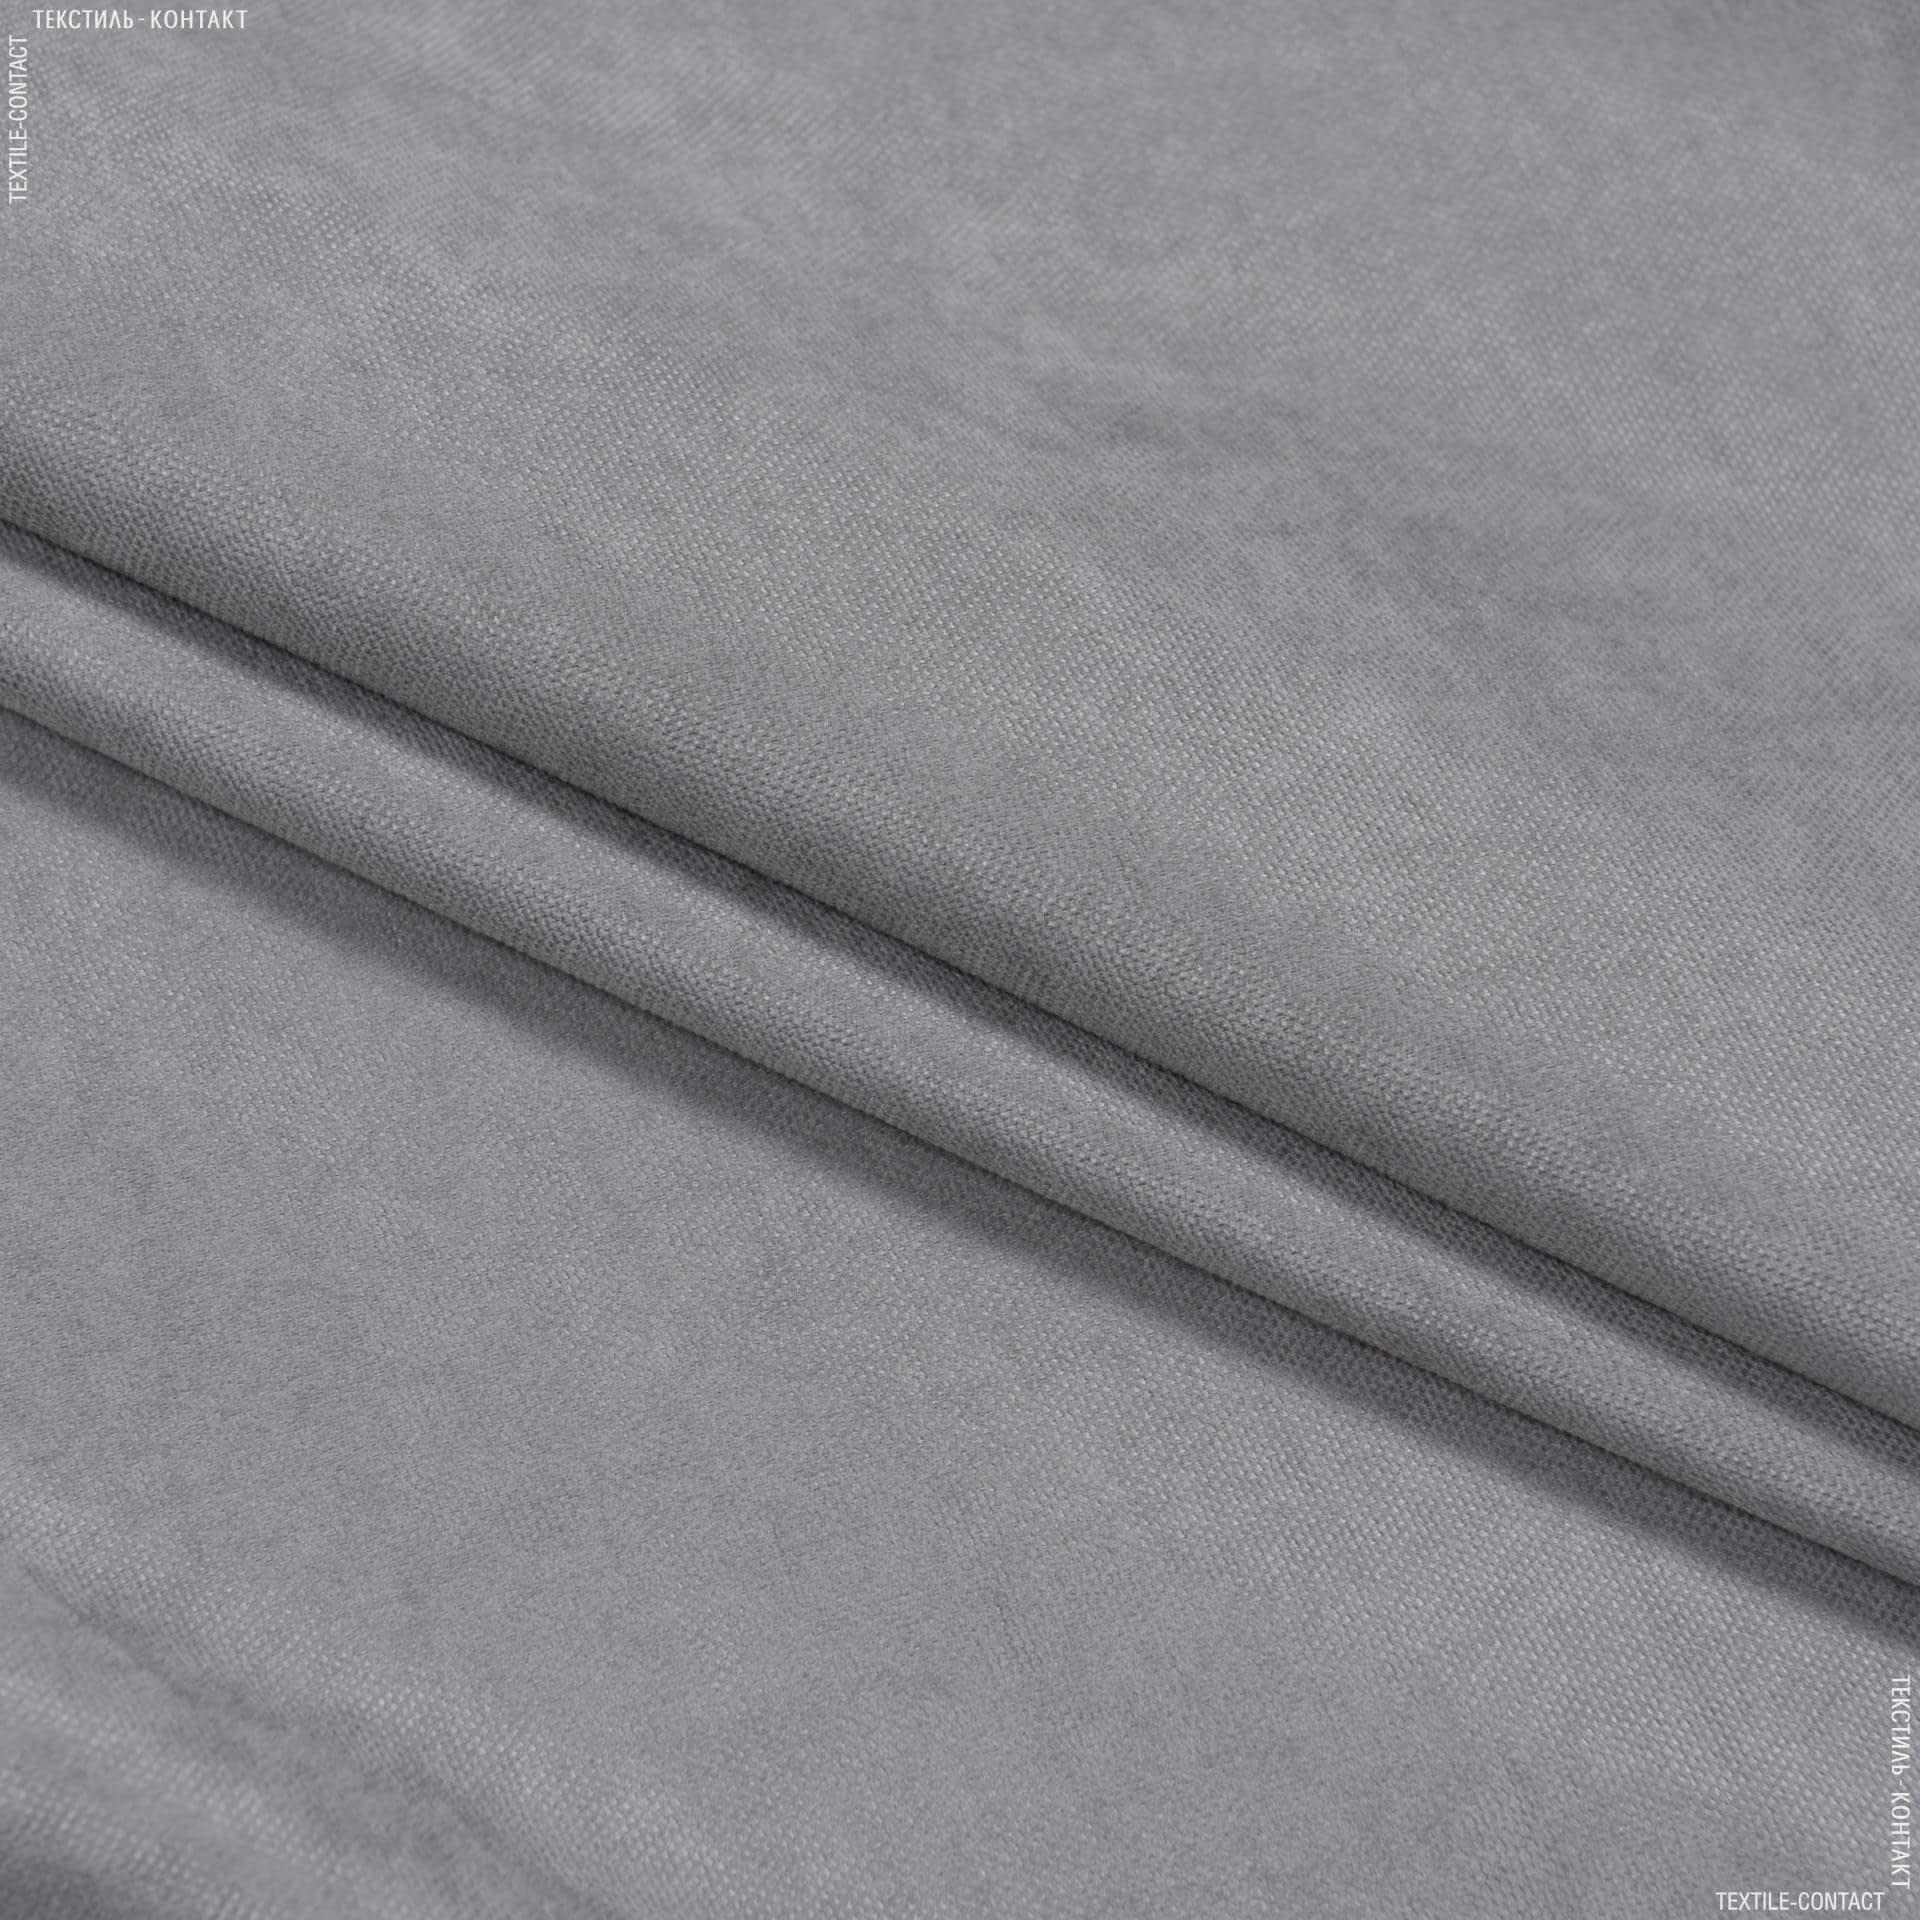 Ткани портьерные ткани - Декор-нубук  арвин 2 даймонд  /diamond  серо-бежевый